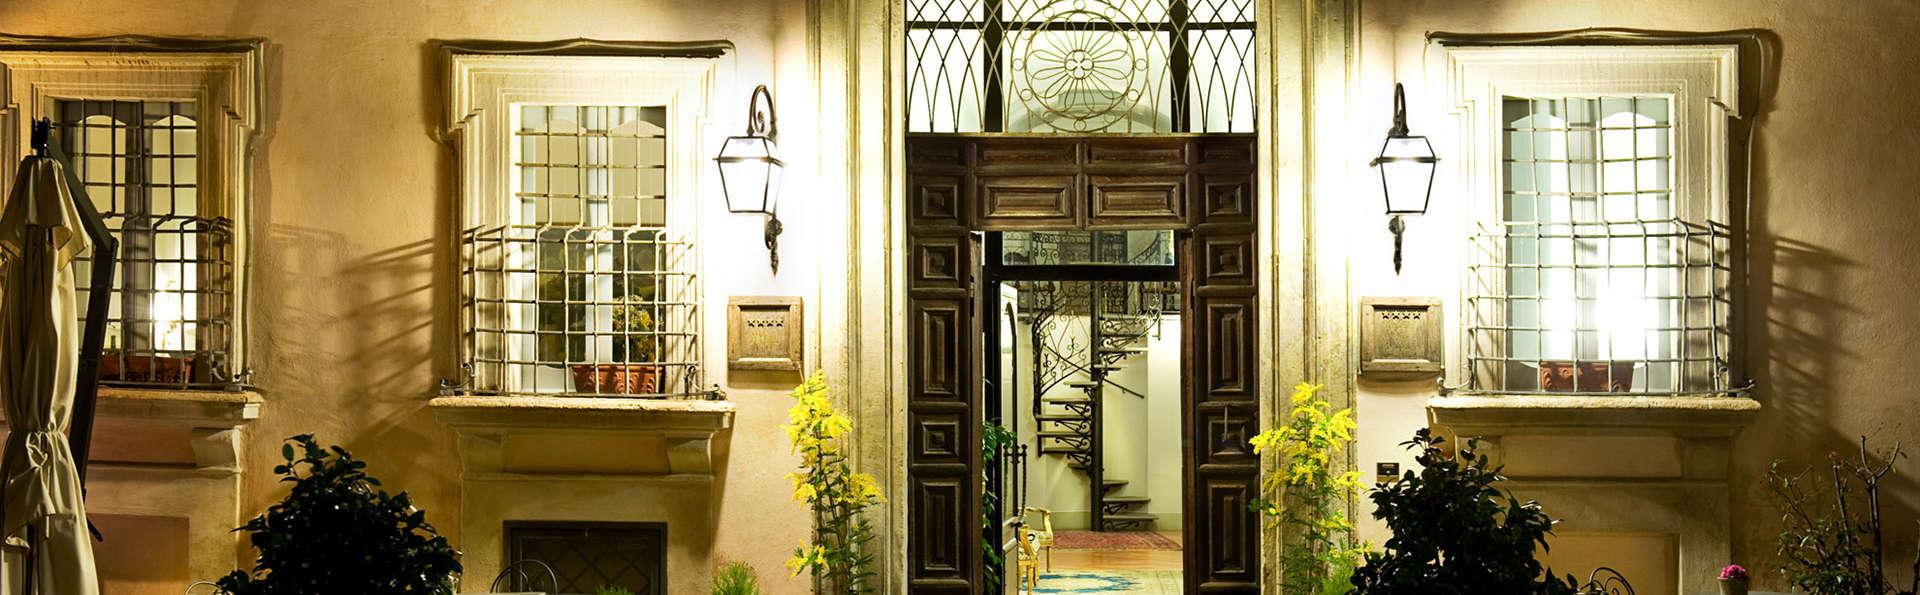 Hotel Antica Dimora alla Rocca - EDIT_esterno.jpg